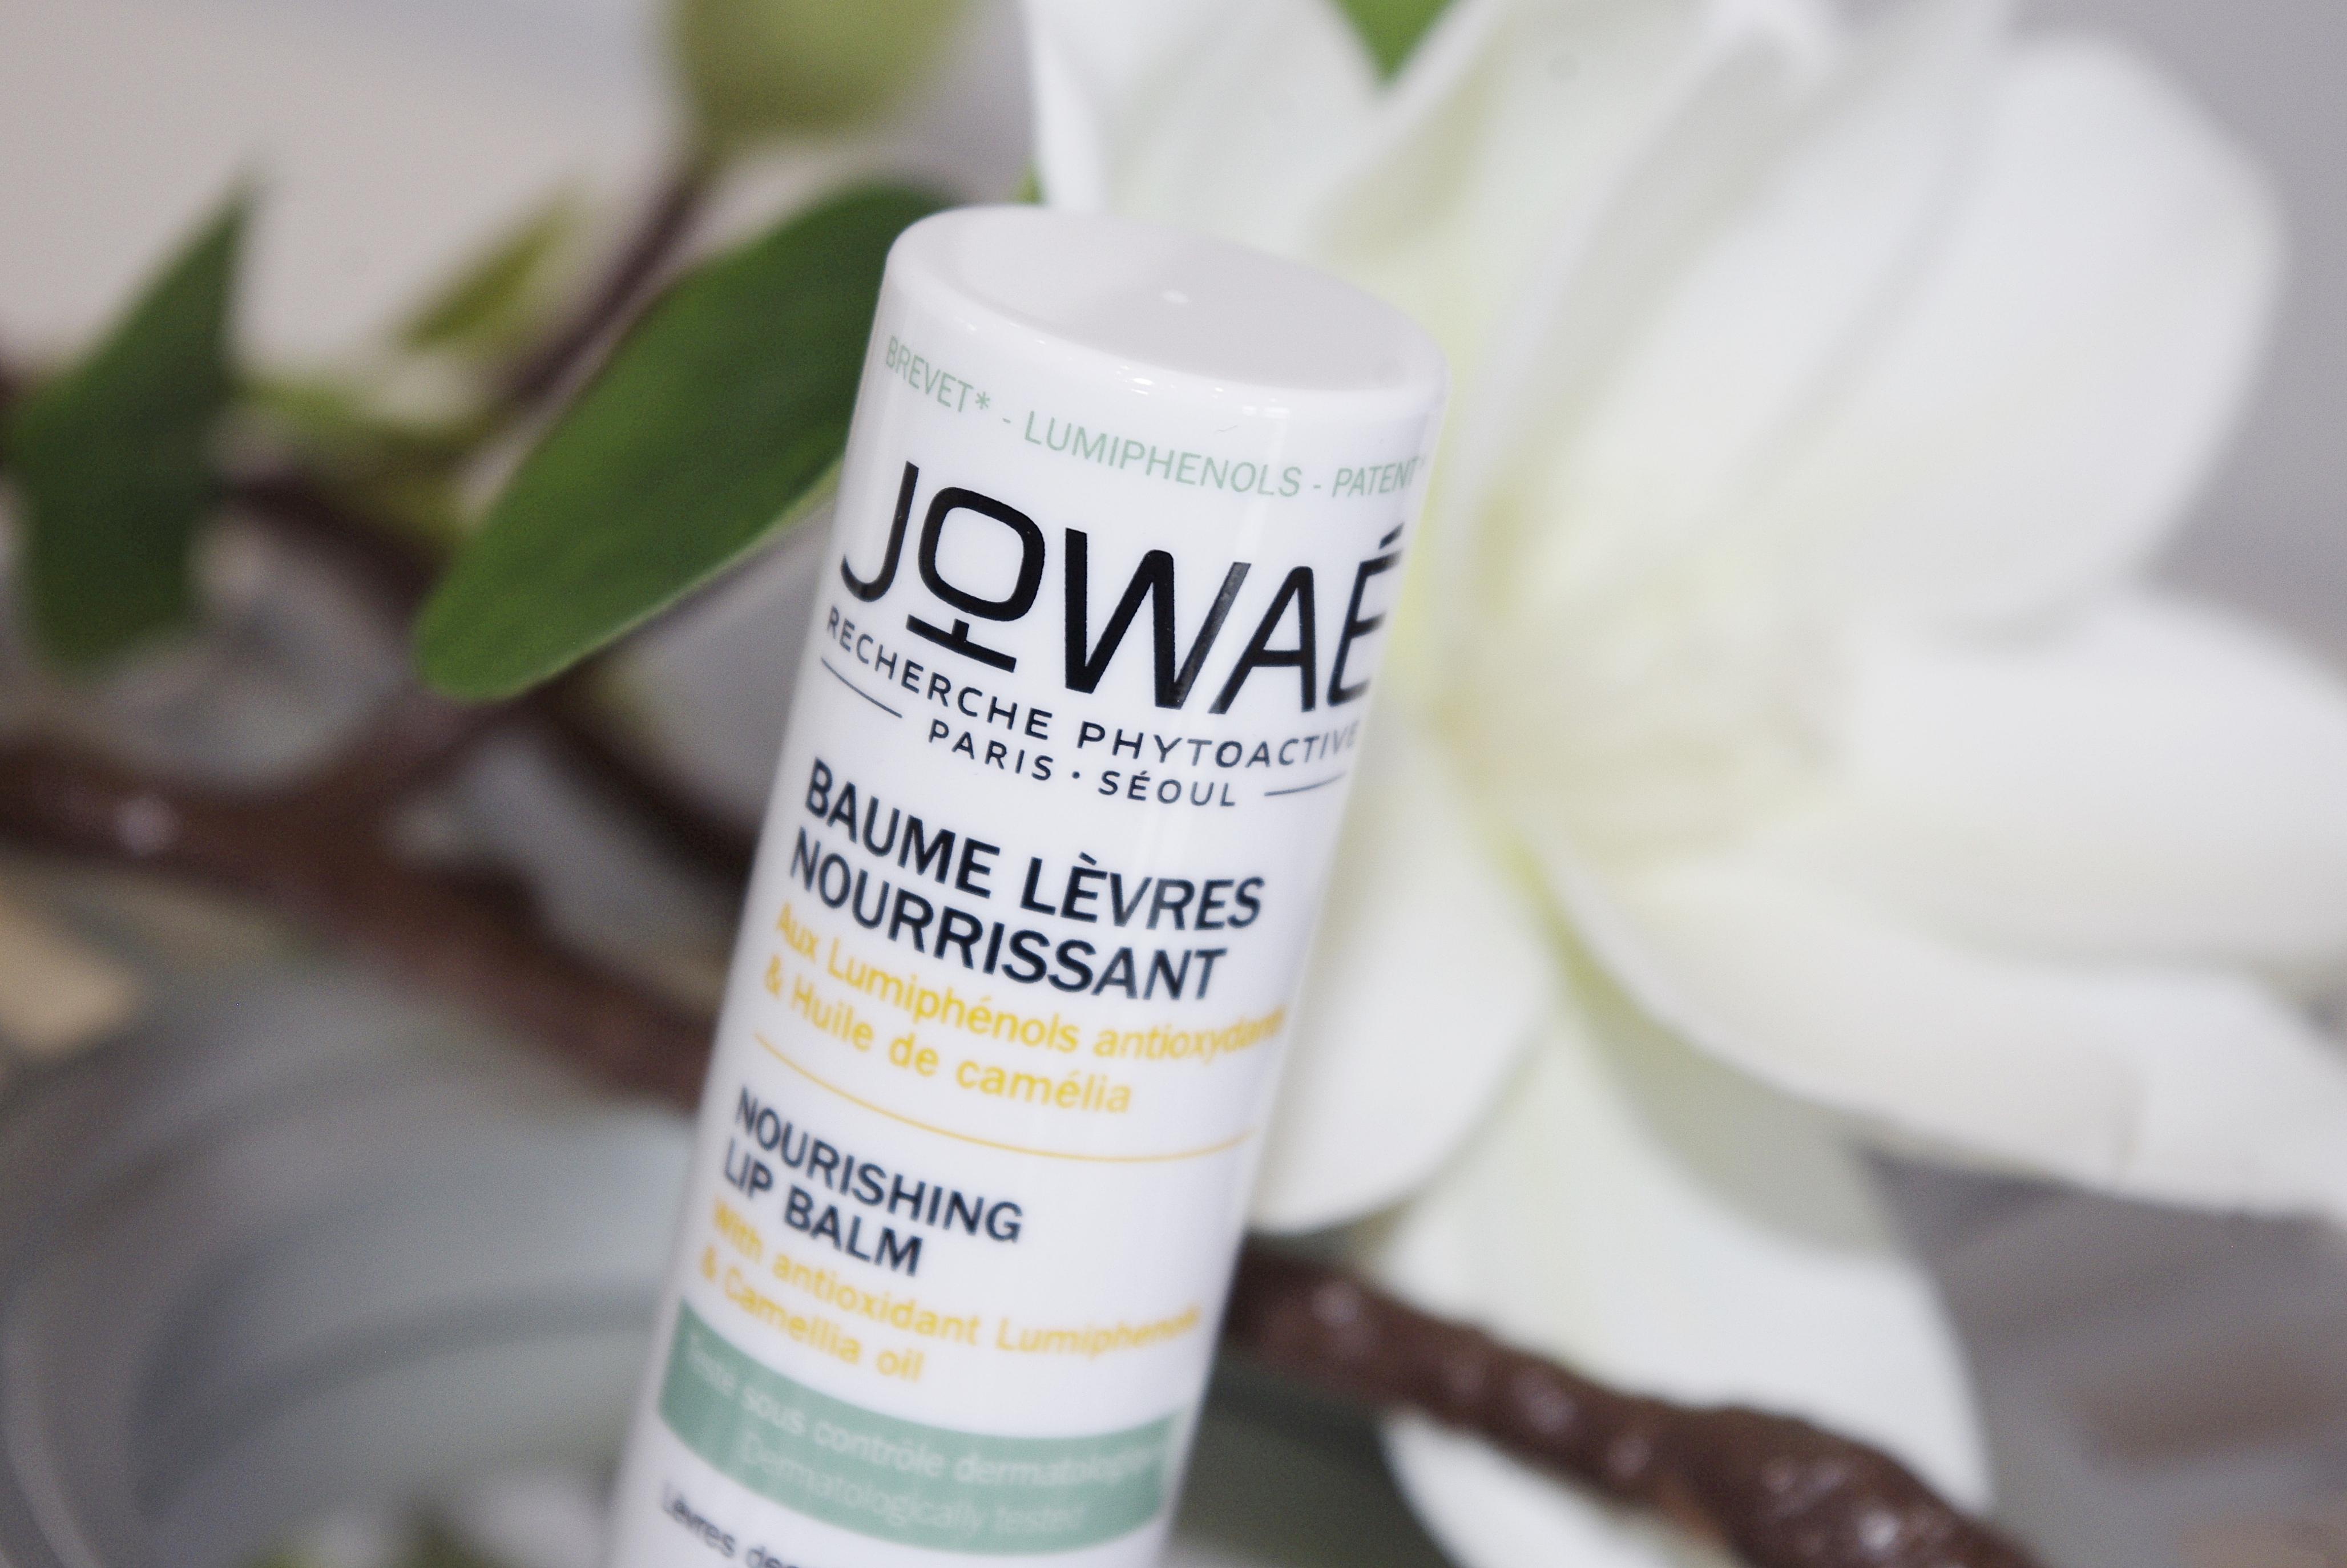 Jowaé Nourishing Lip Balm